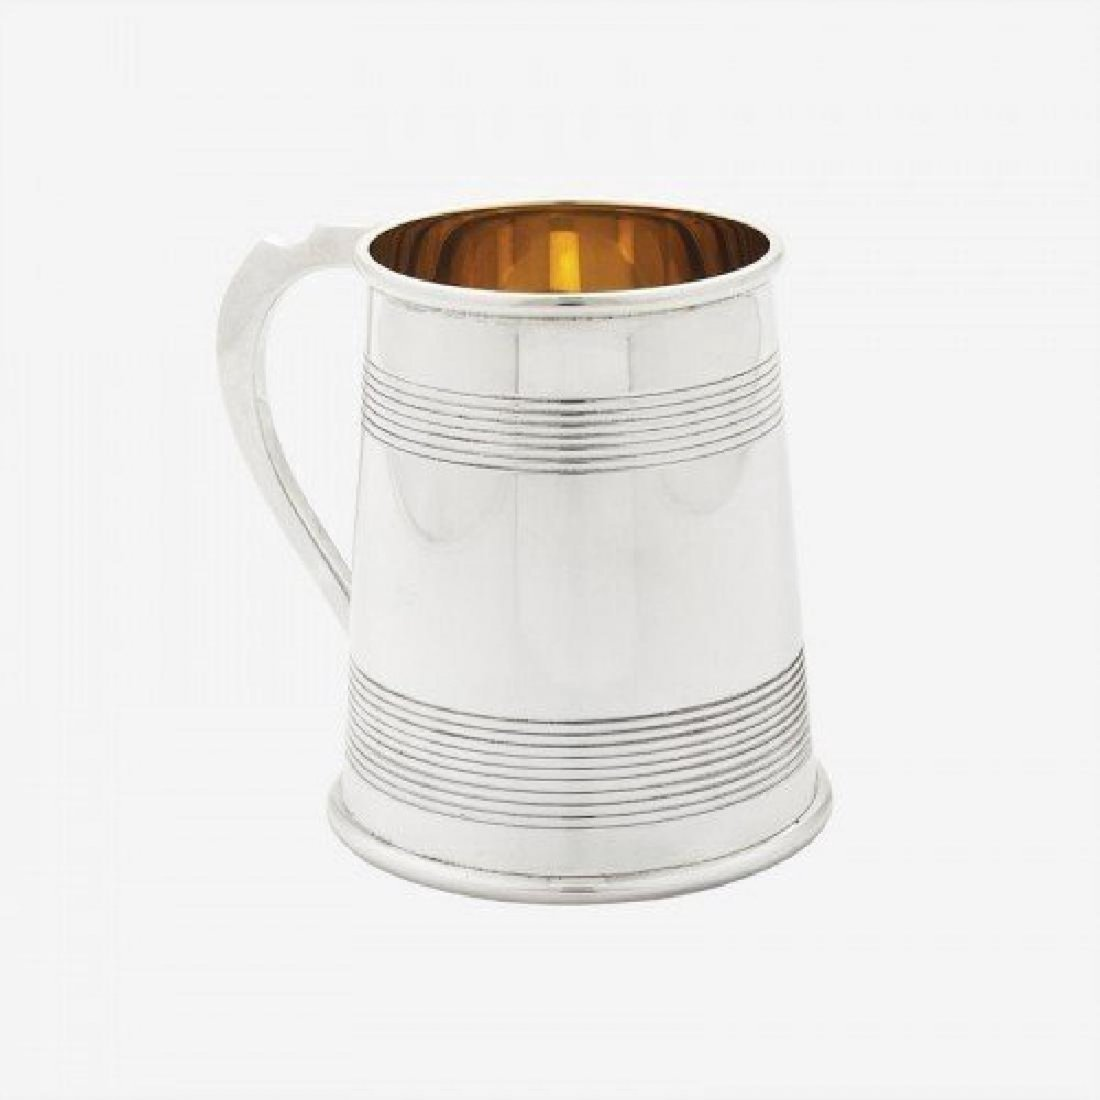 Scottish Sterling Silver 24K Gold Plate Reeded Mug